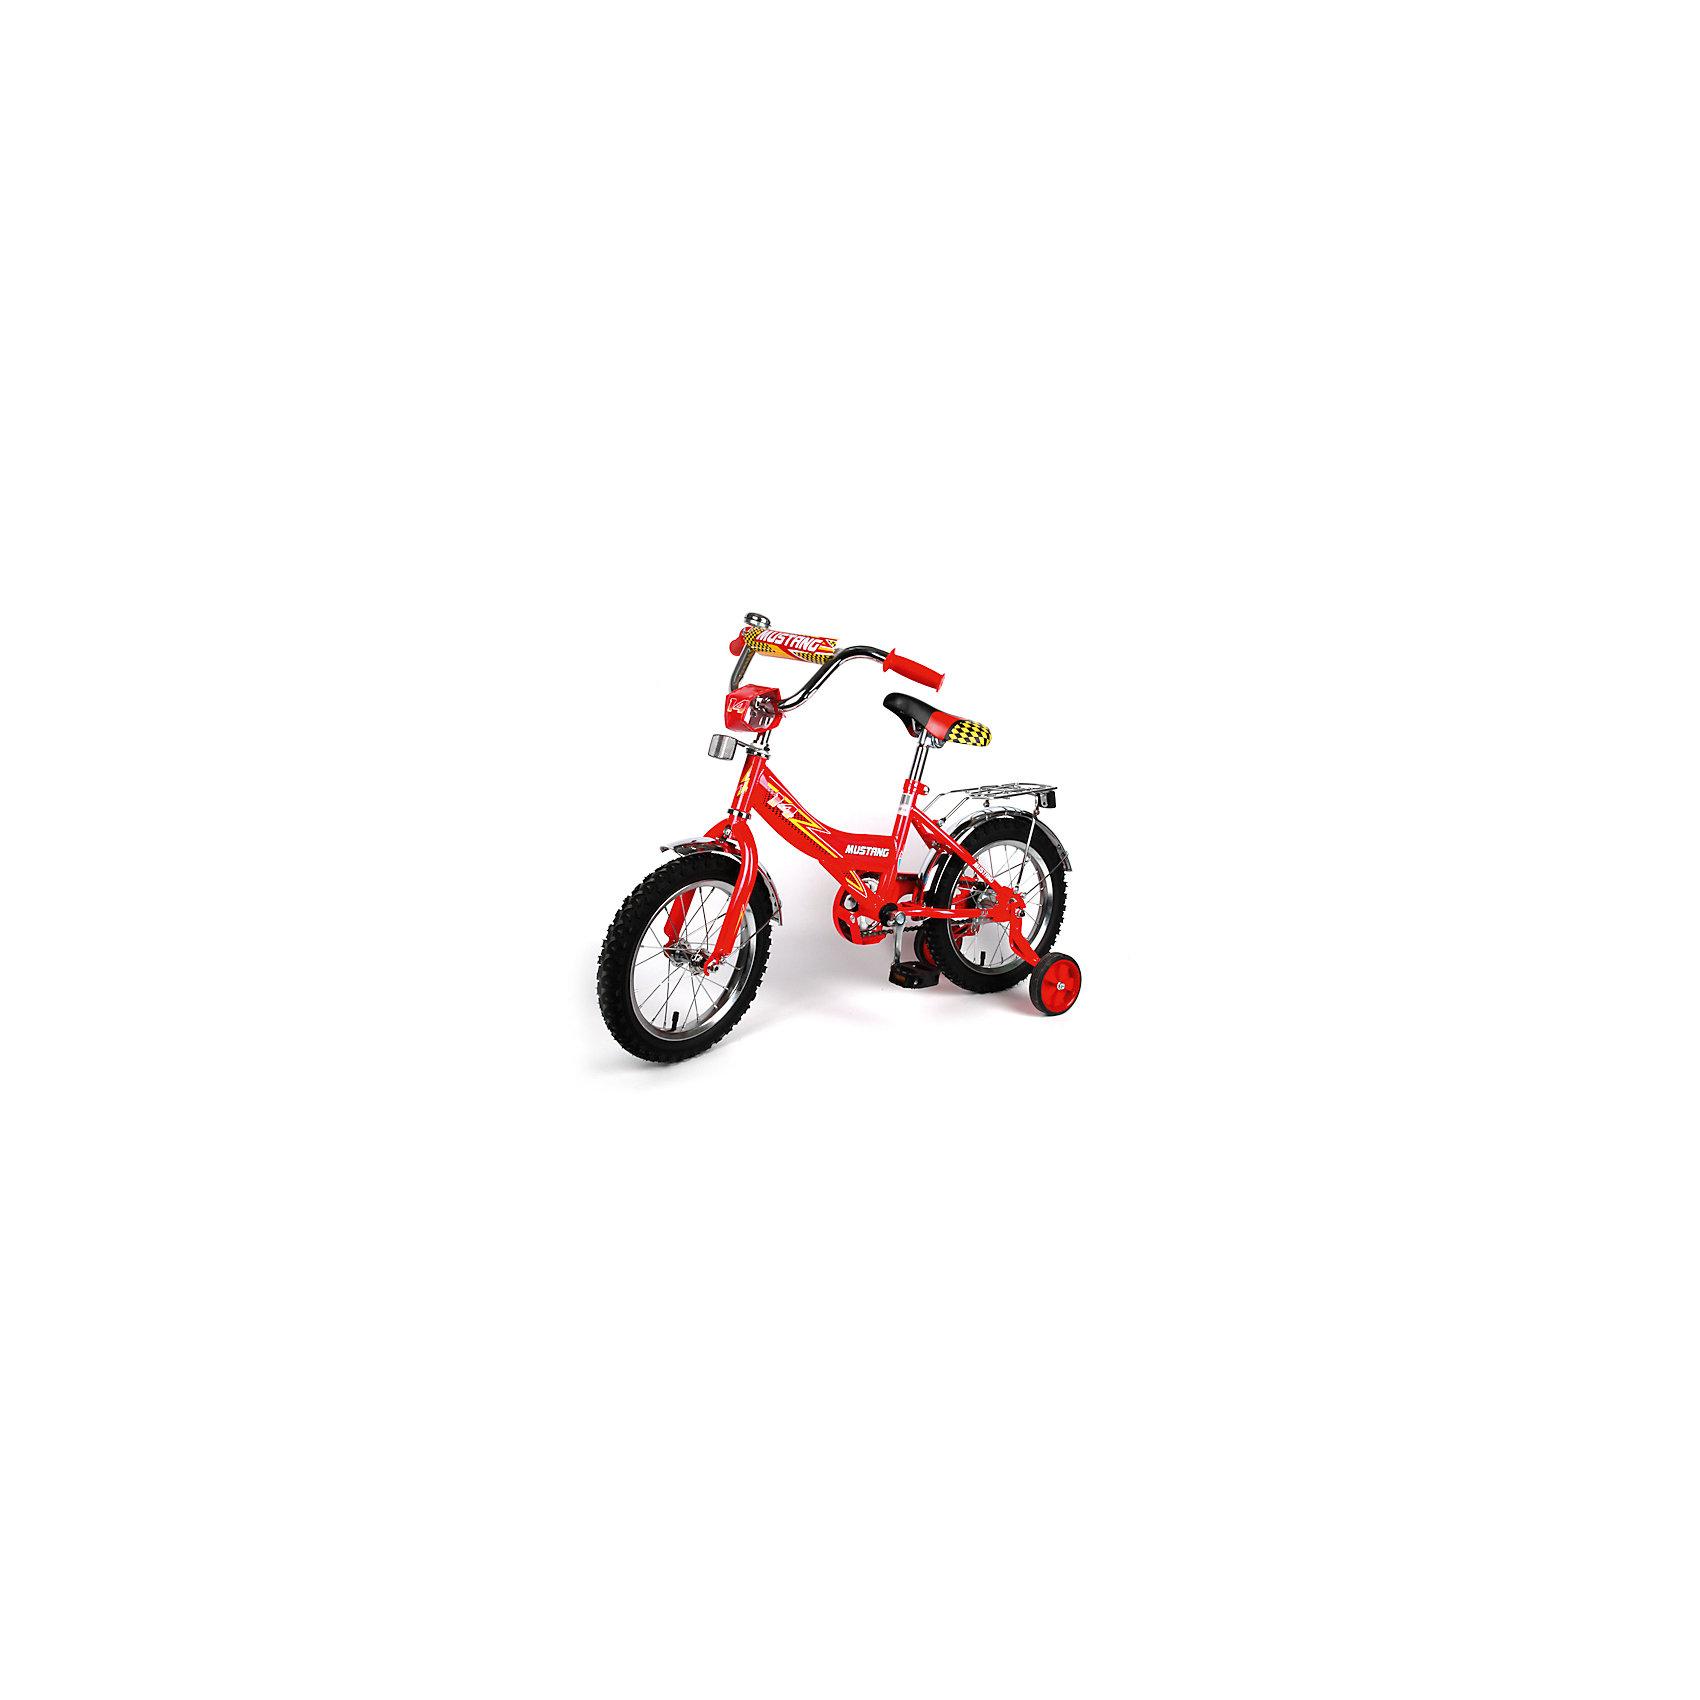 """Детский велосипед,  20"""",  красный, MustangВелосипеды детские<br>Характеристики товара:<br><br>• цвет: красный<br>• низкая Push-рама<br>• диаметр колес: 50 см (20)<br>• 1 скорость<br>• задний ножной тормоз<br>• регулируемый хромированный руль BMX с защитной накладкой<br>• багажник<br>• звонок<br>• приставные пластиковые колеса с усиленным кронштейном<br>• усиленные хромированные крылья<br>• откидная подножка хромированная средняя<br>• полная защита цепи """"Р"""" типа<br>• вес: 13,8 кг<br>• размер в собранном виде: 58х92х129 см<br>• допустимый вес: до 40 кг<br>• рекомендуемый возраст: от 4 лет<br>• страна производства: Китай<br><br>Велосипед детский «Mustang» 20"""" можно купить в нашем магазине.<br><br>Ширина мм: 580<br>Глубина мм: 920<br>Высота мм: 1290<br>Вес г: 13800<br>Возраст от месяцев: 48<br>Возраст до месяцев: 120<br>Пол: Женский<br>Возраст: Детский<br>SKU: 5526377"""